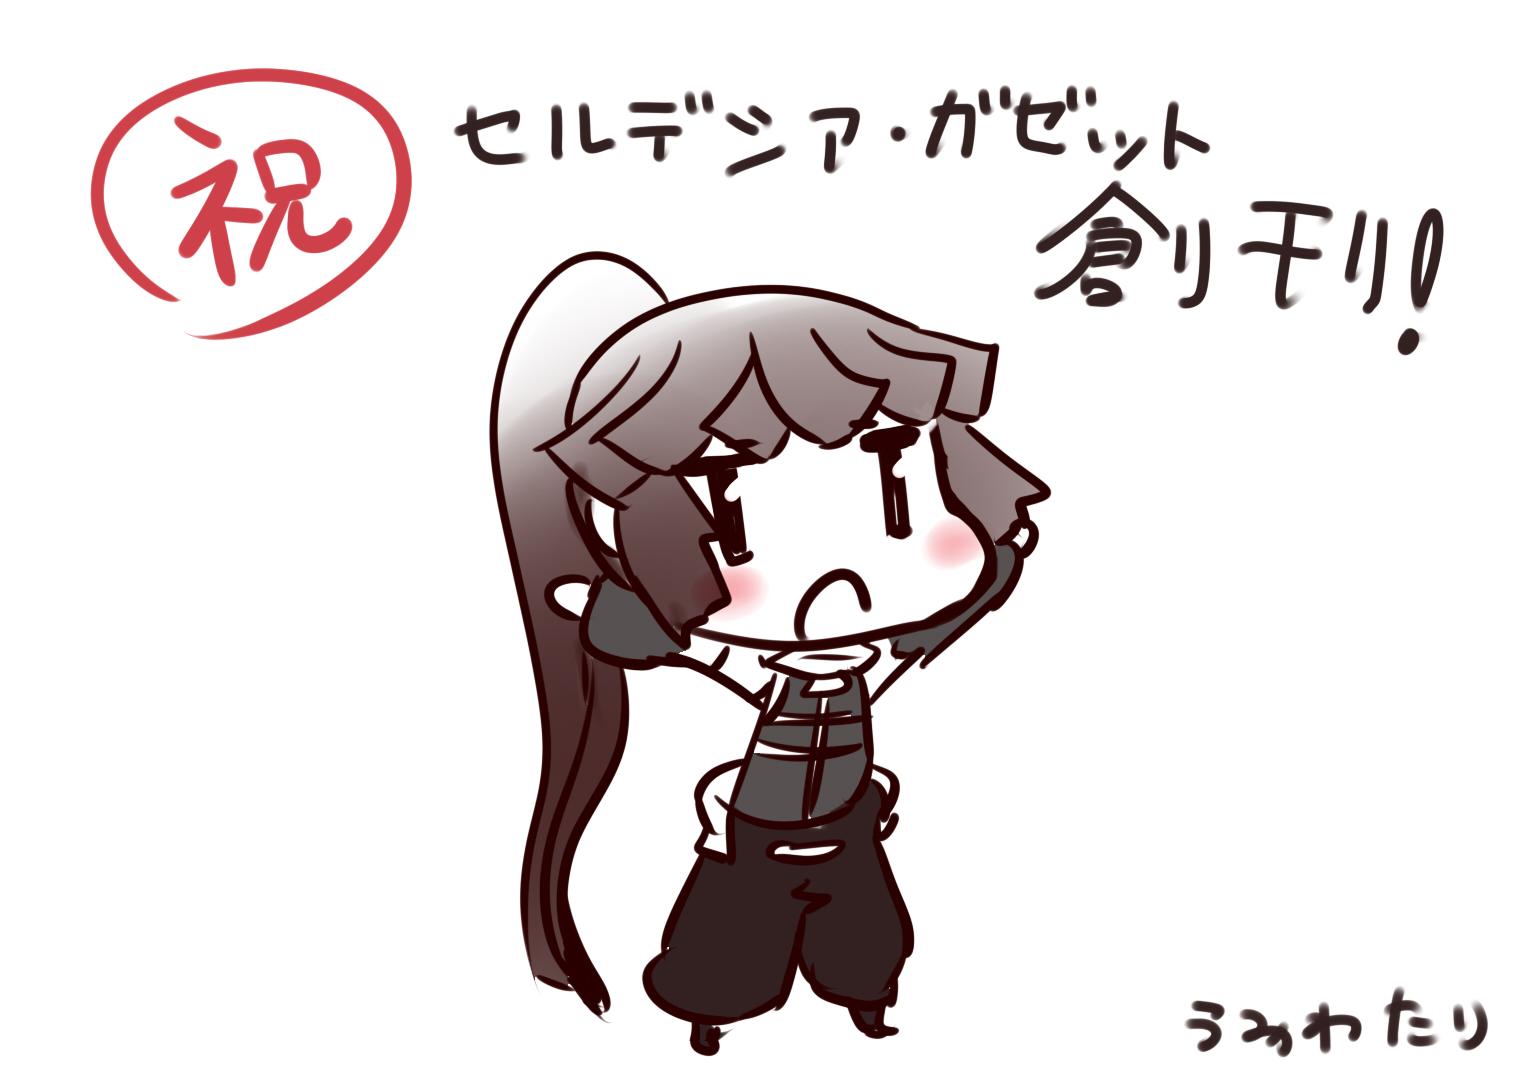 セルデシアガゼット創刊